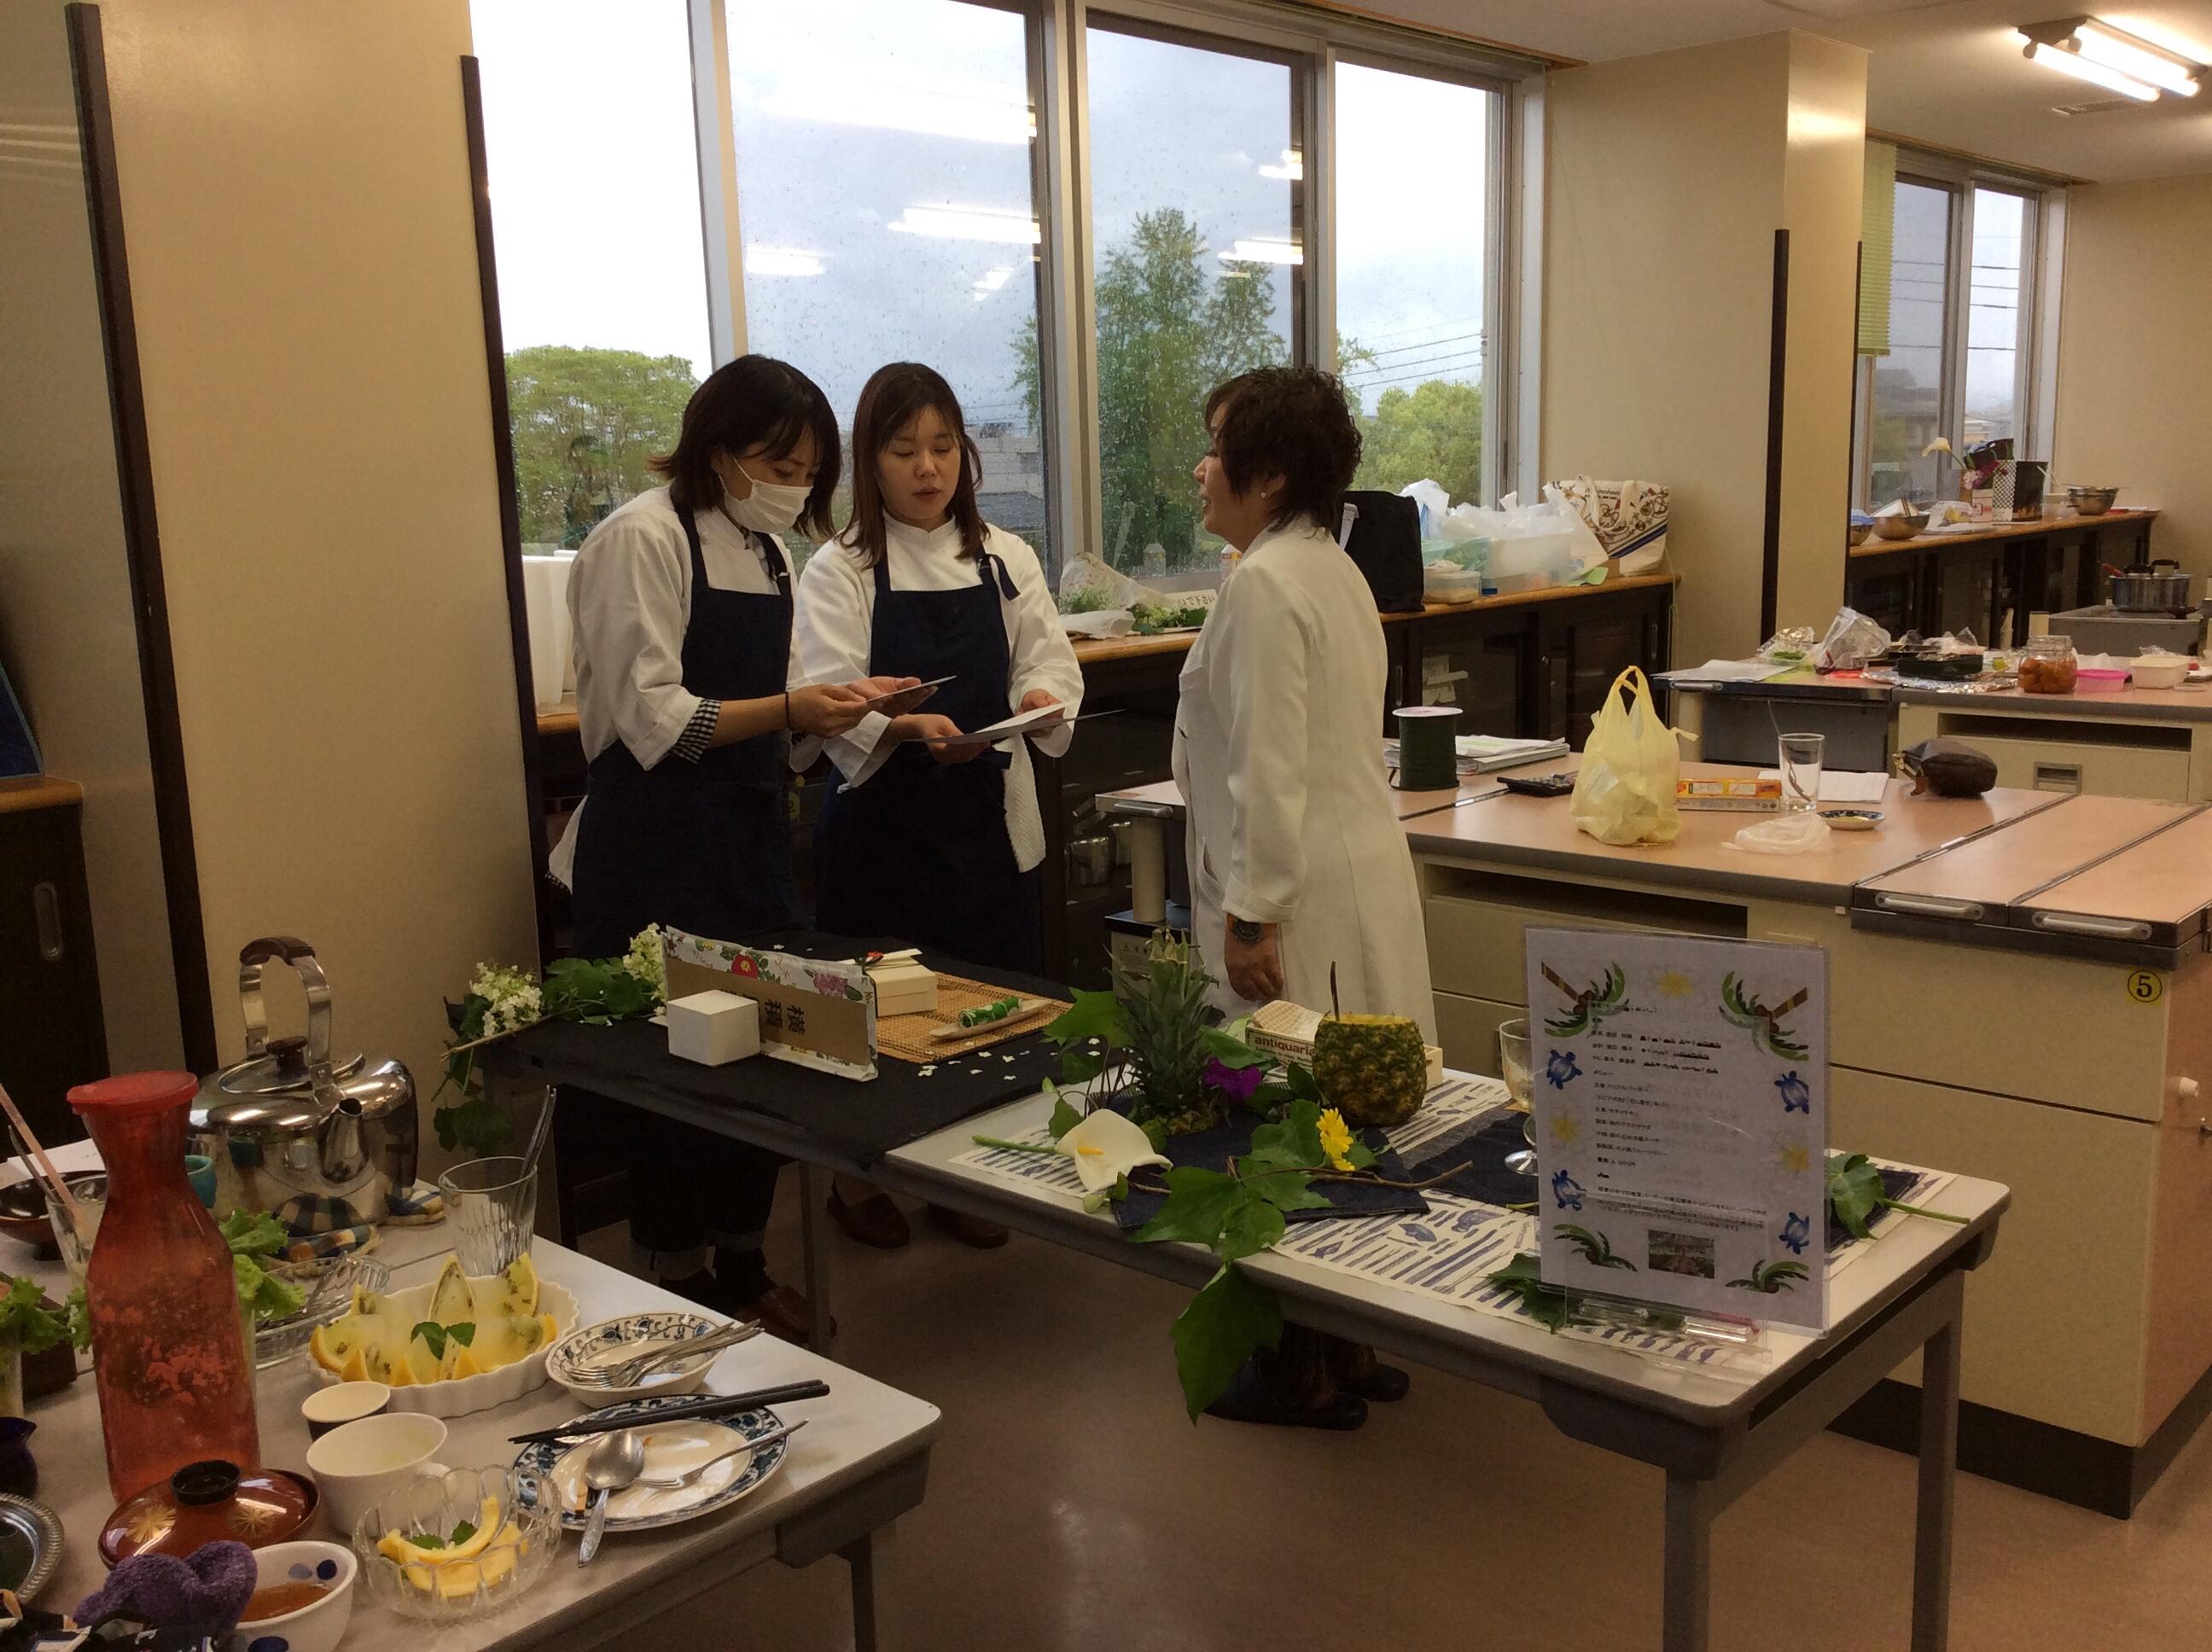 宮崎県公共職業訓練校ライブビジネス校フードビジネス科14期生の最後の授業